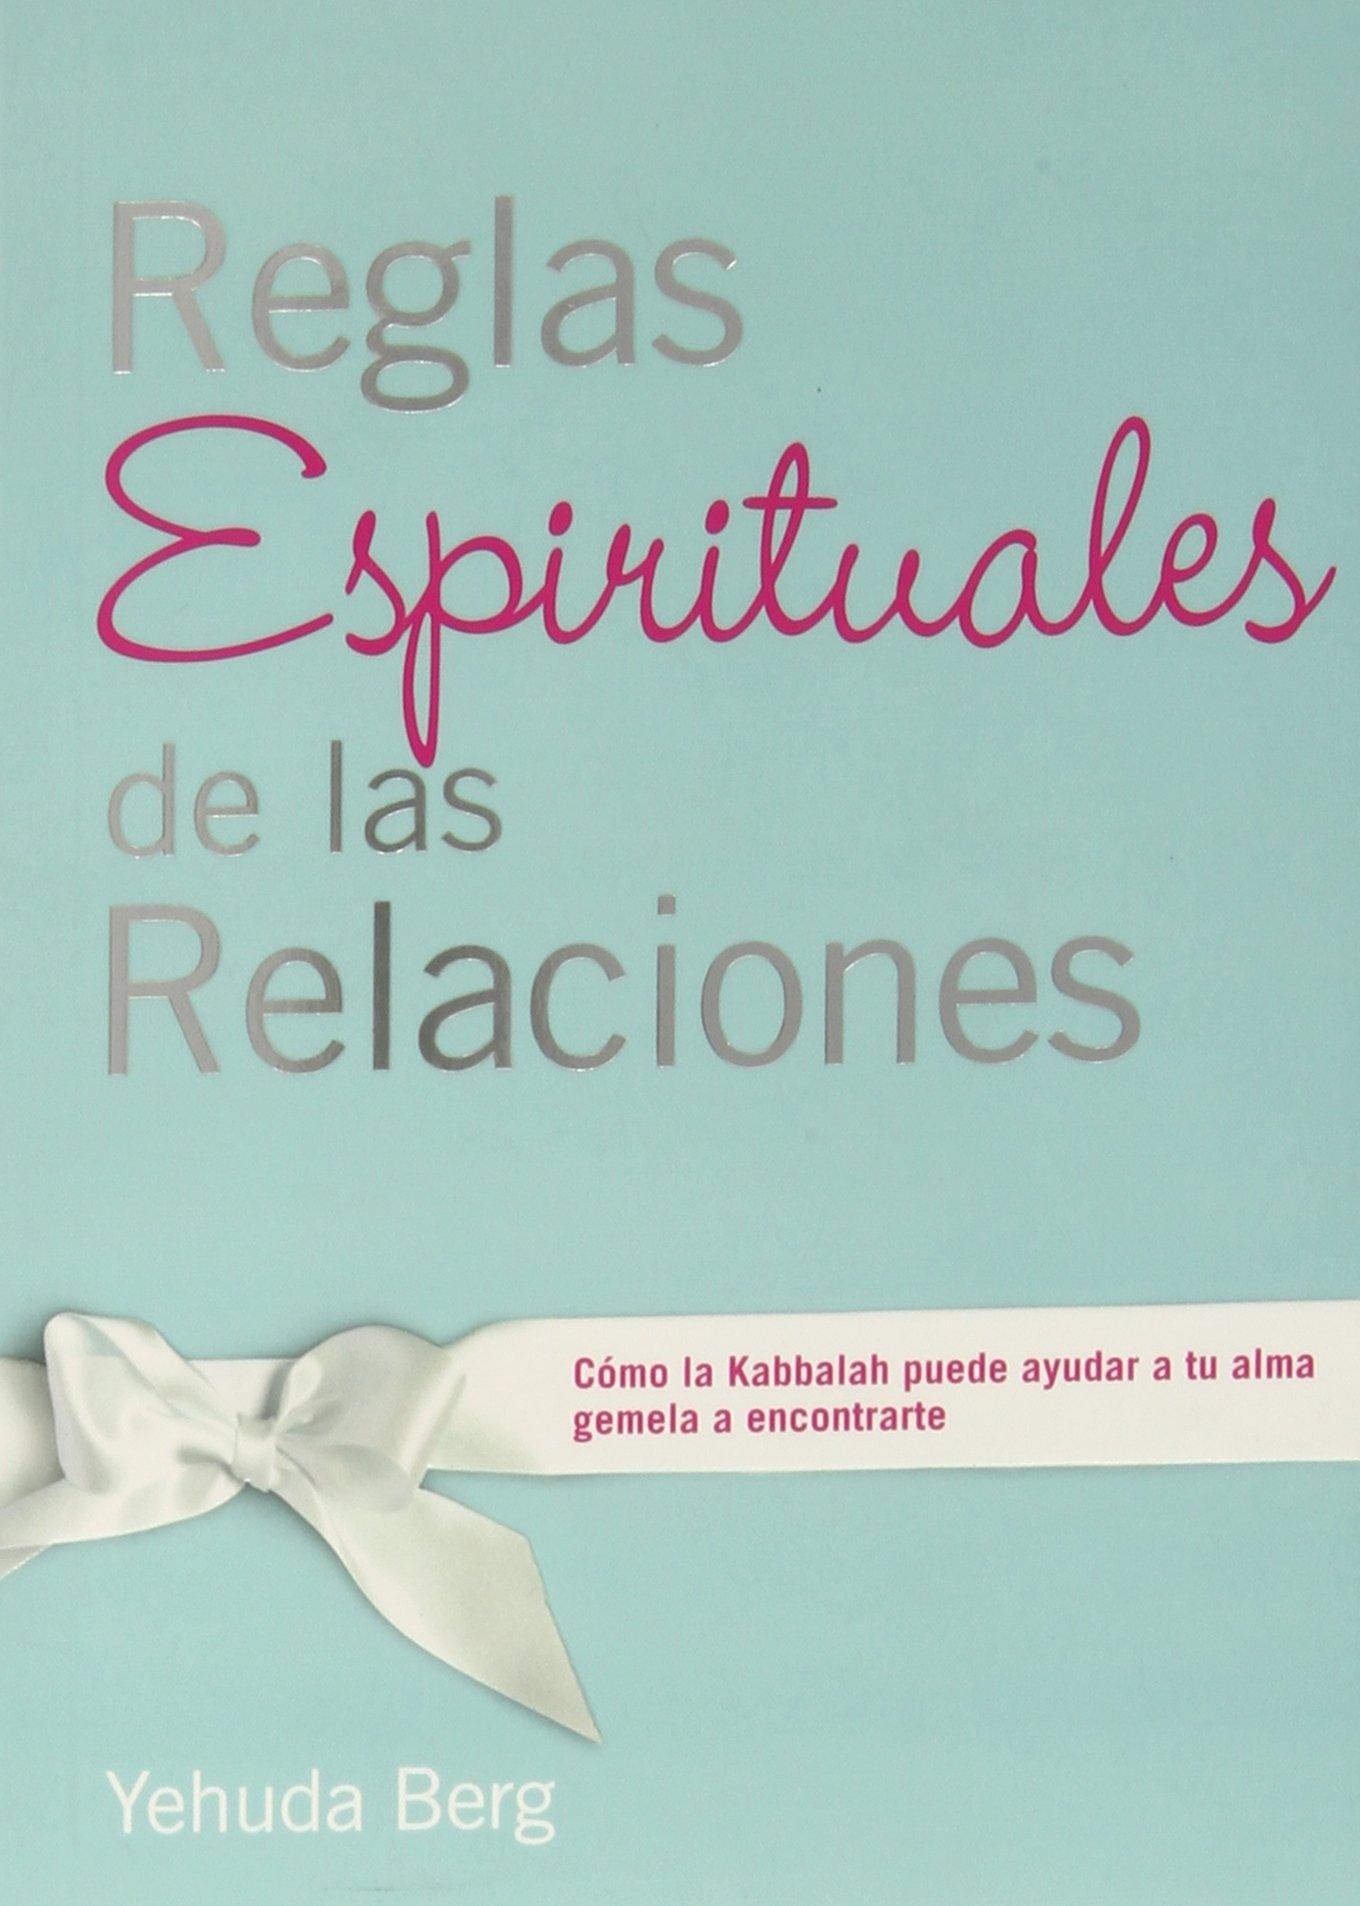 Reglas Espirituales de las Relaciones: Cómo la Kabbalah puede ayudar a tu alma gemela a encontrarte (Spanish Edition)